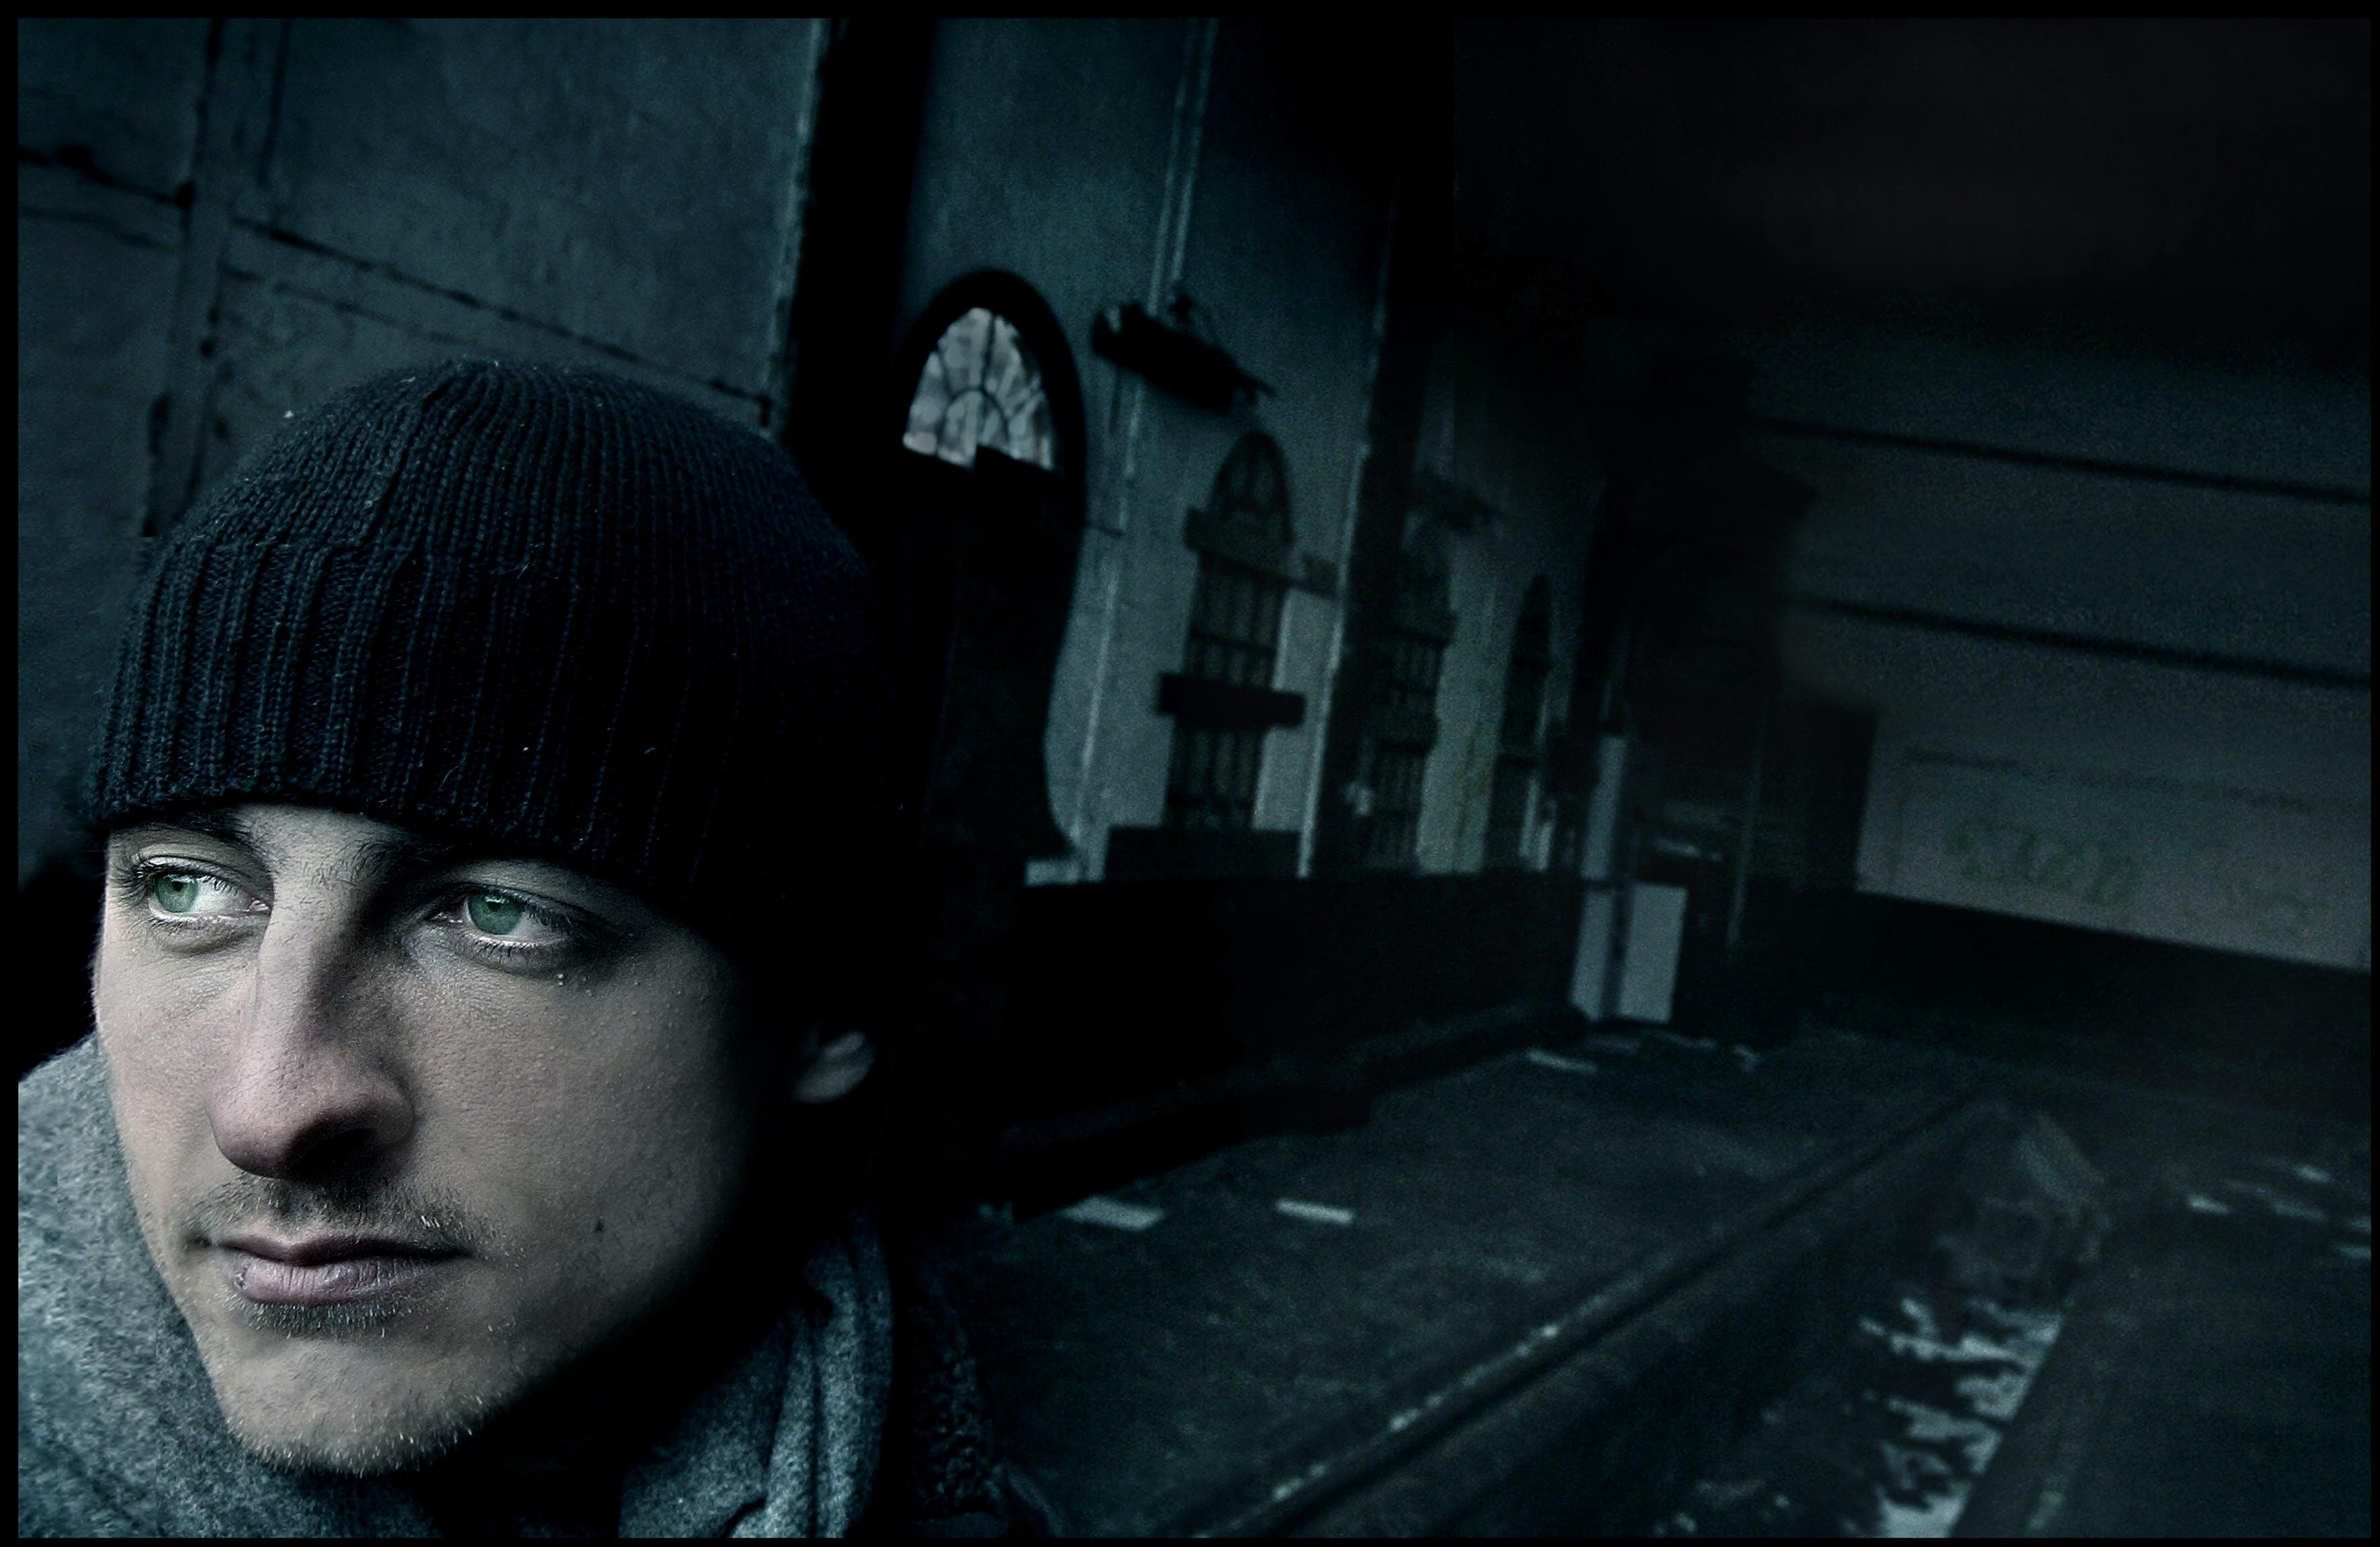 人, 害怕, 小圓便帽, 怪異 的 免费素材照片